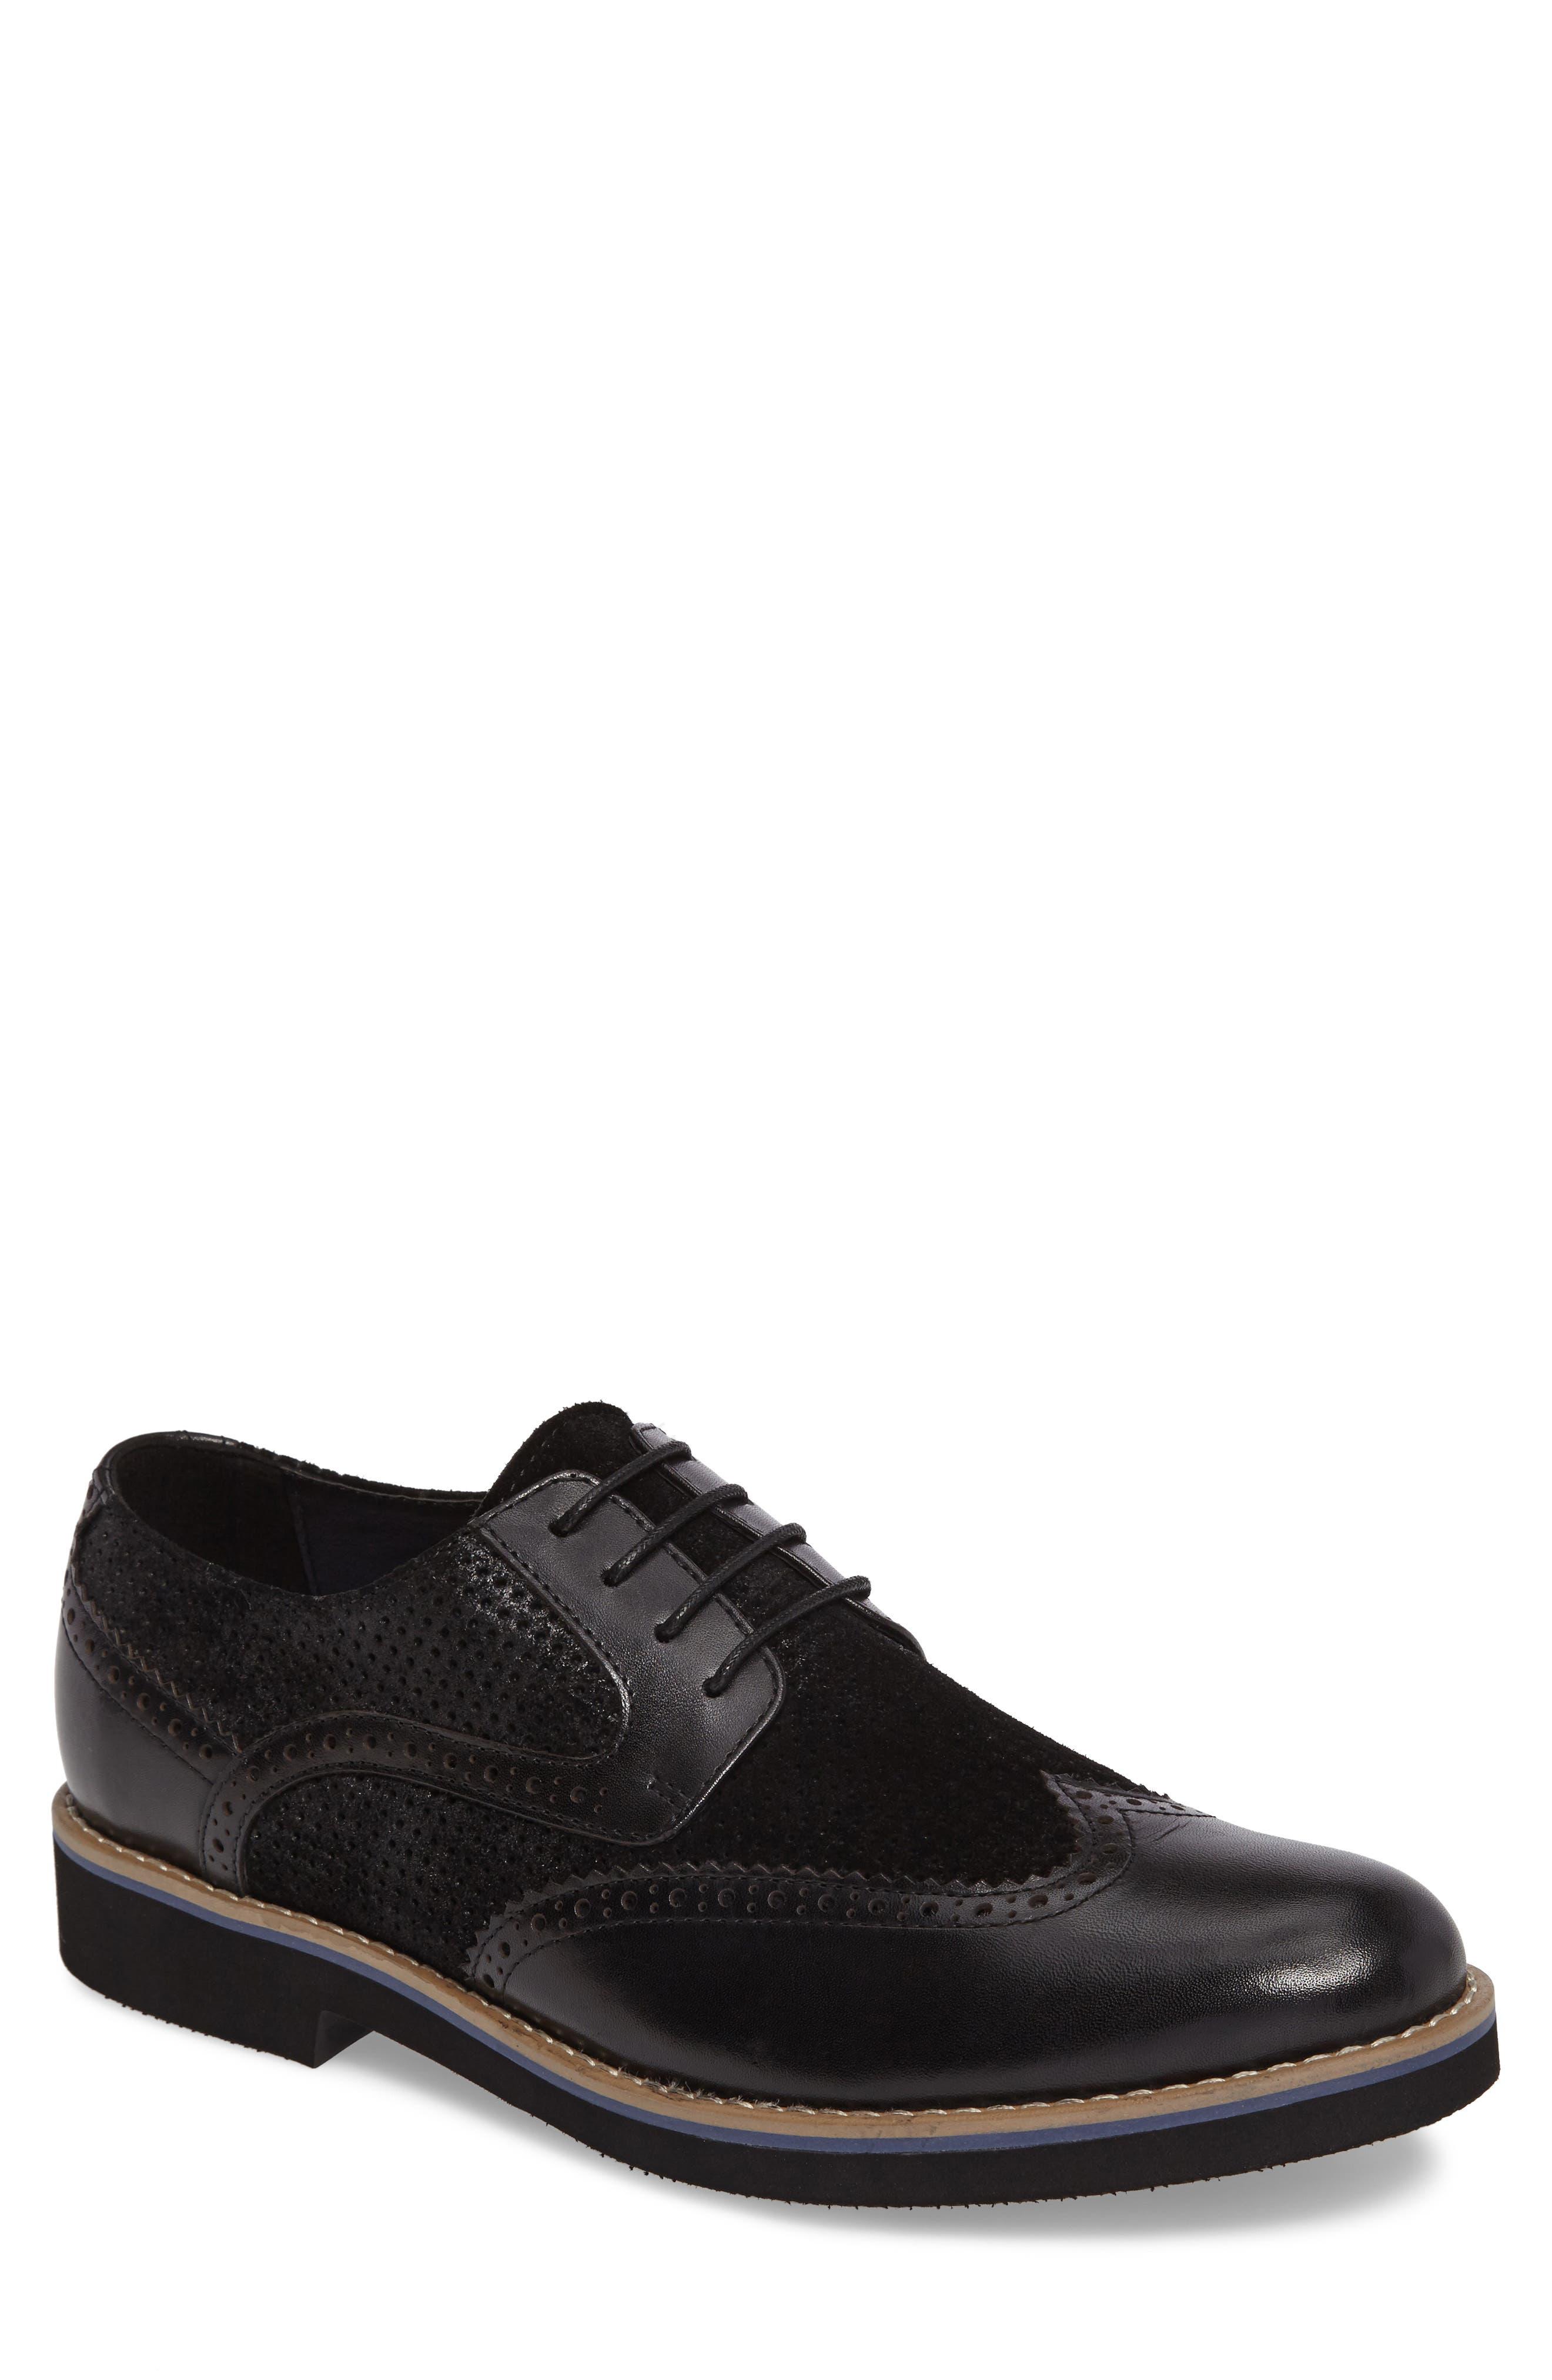 Alternate Image 1 Selected - English Laundry Maritime Spectator Shoe (Men)